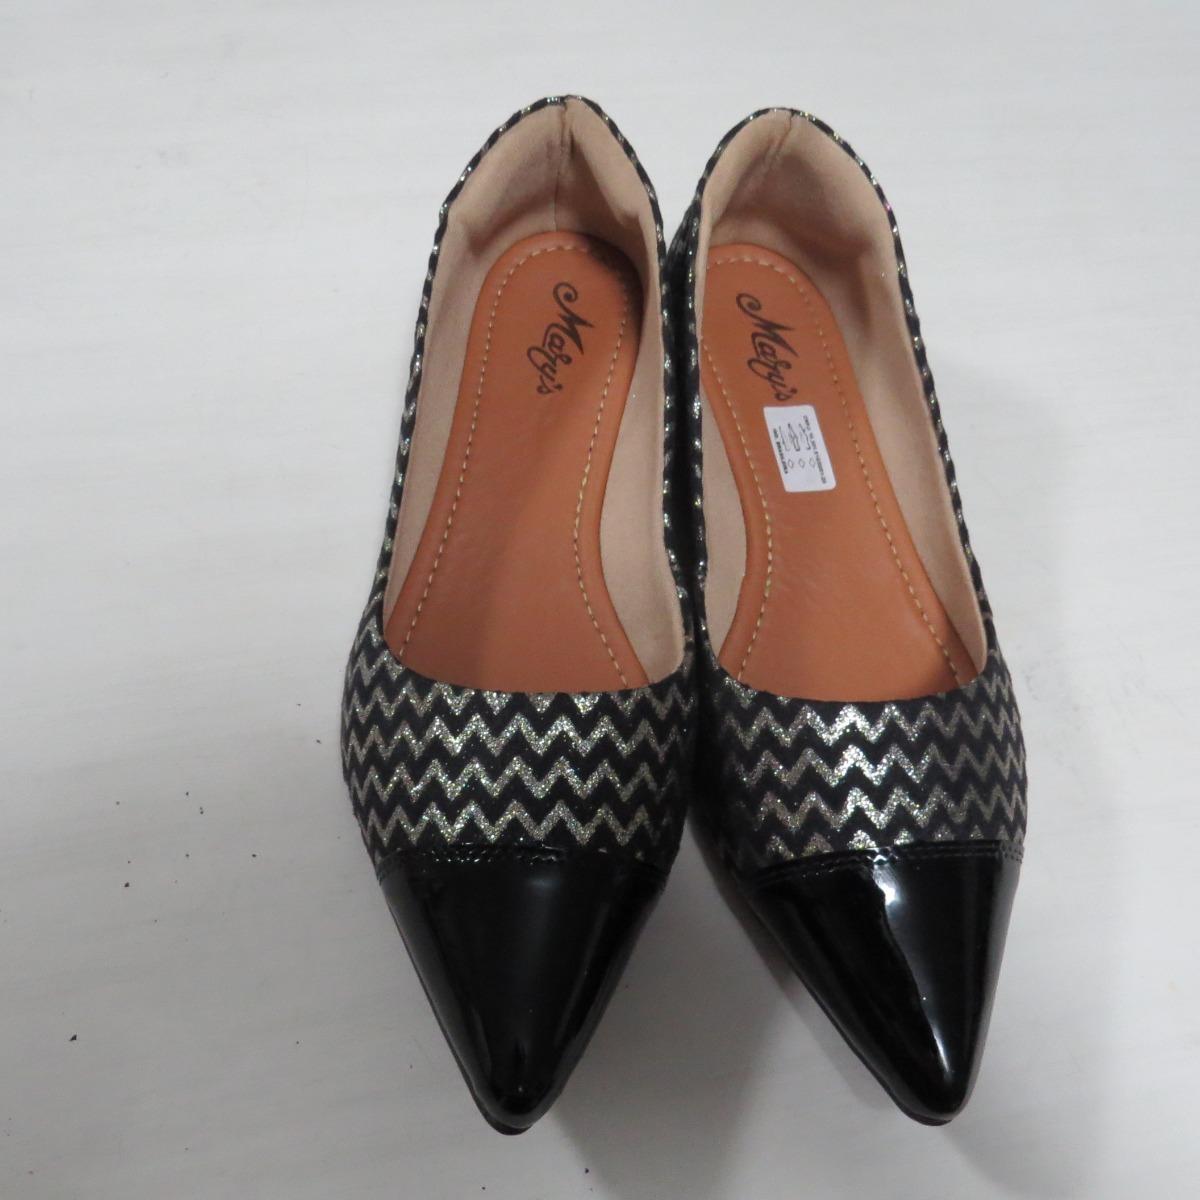 2eb1c38d3 sapatilha bico fino preto feminino com detalhe em dourado. Carregando zoom.